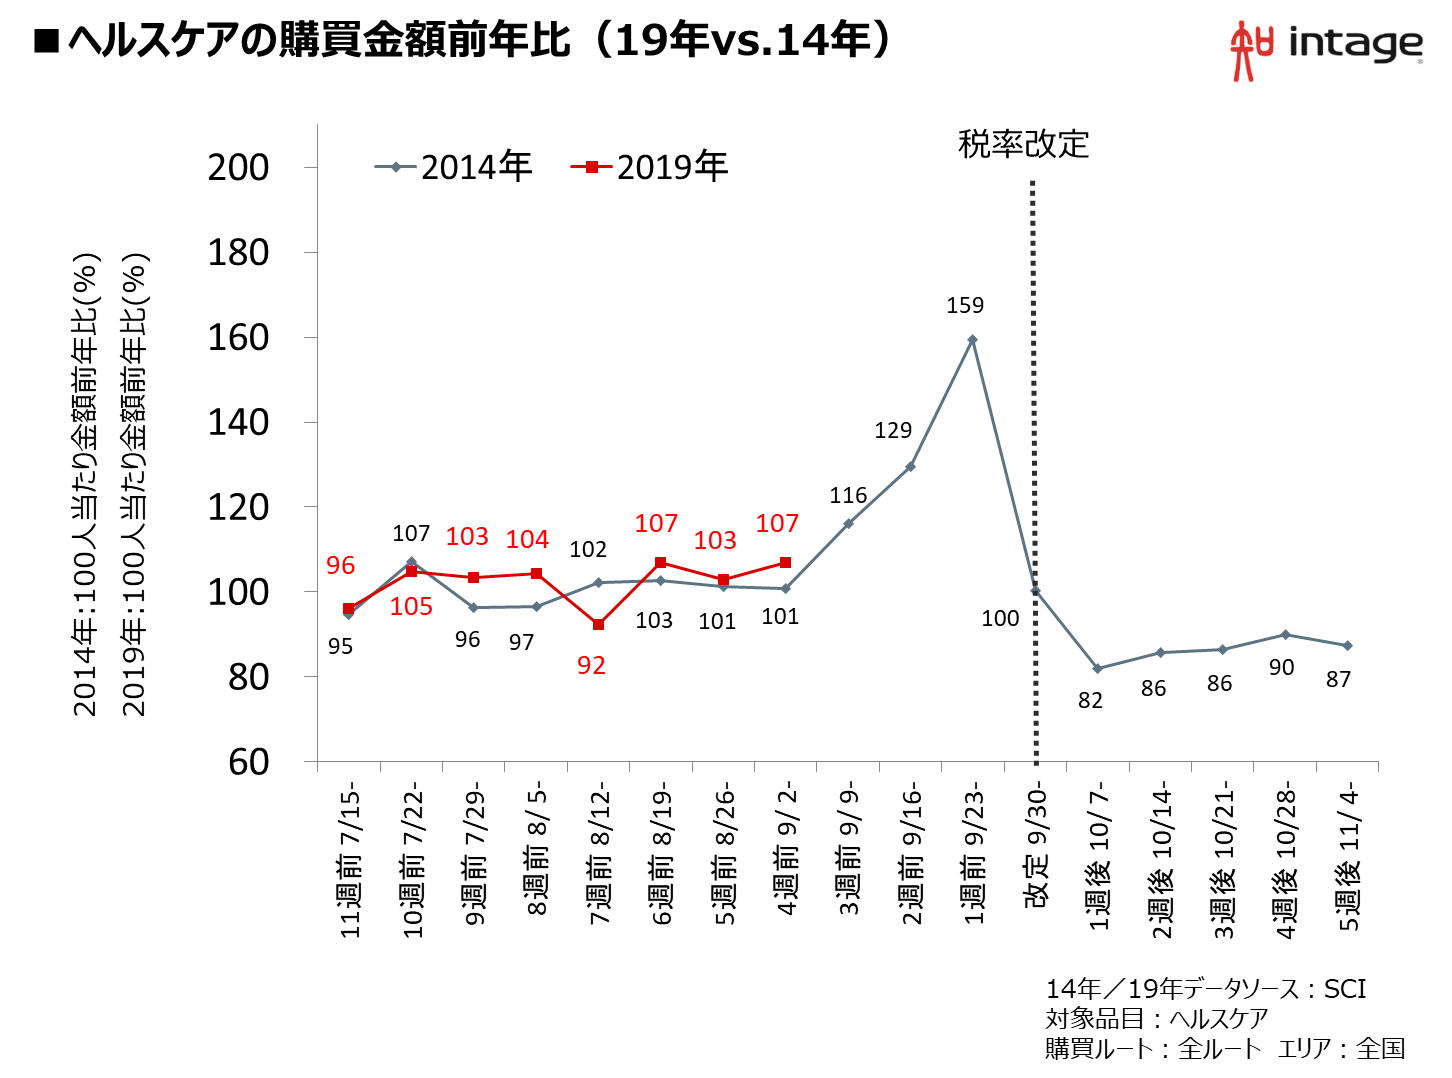 ヘルスケアの購買金額前年比(19年vs.14年)